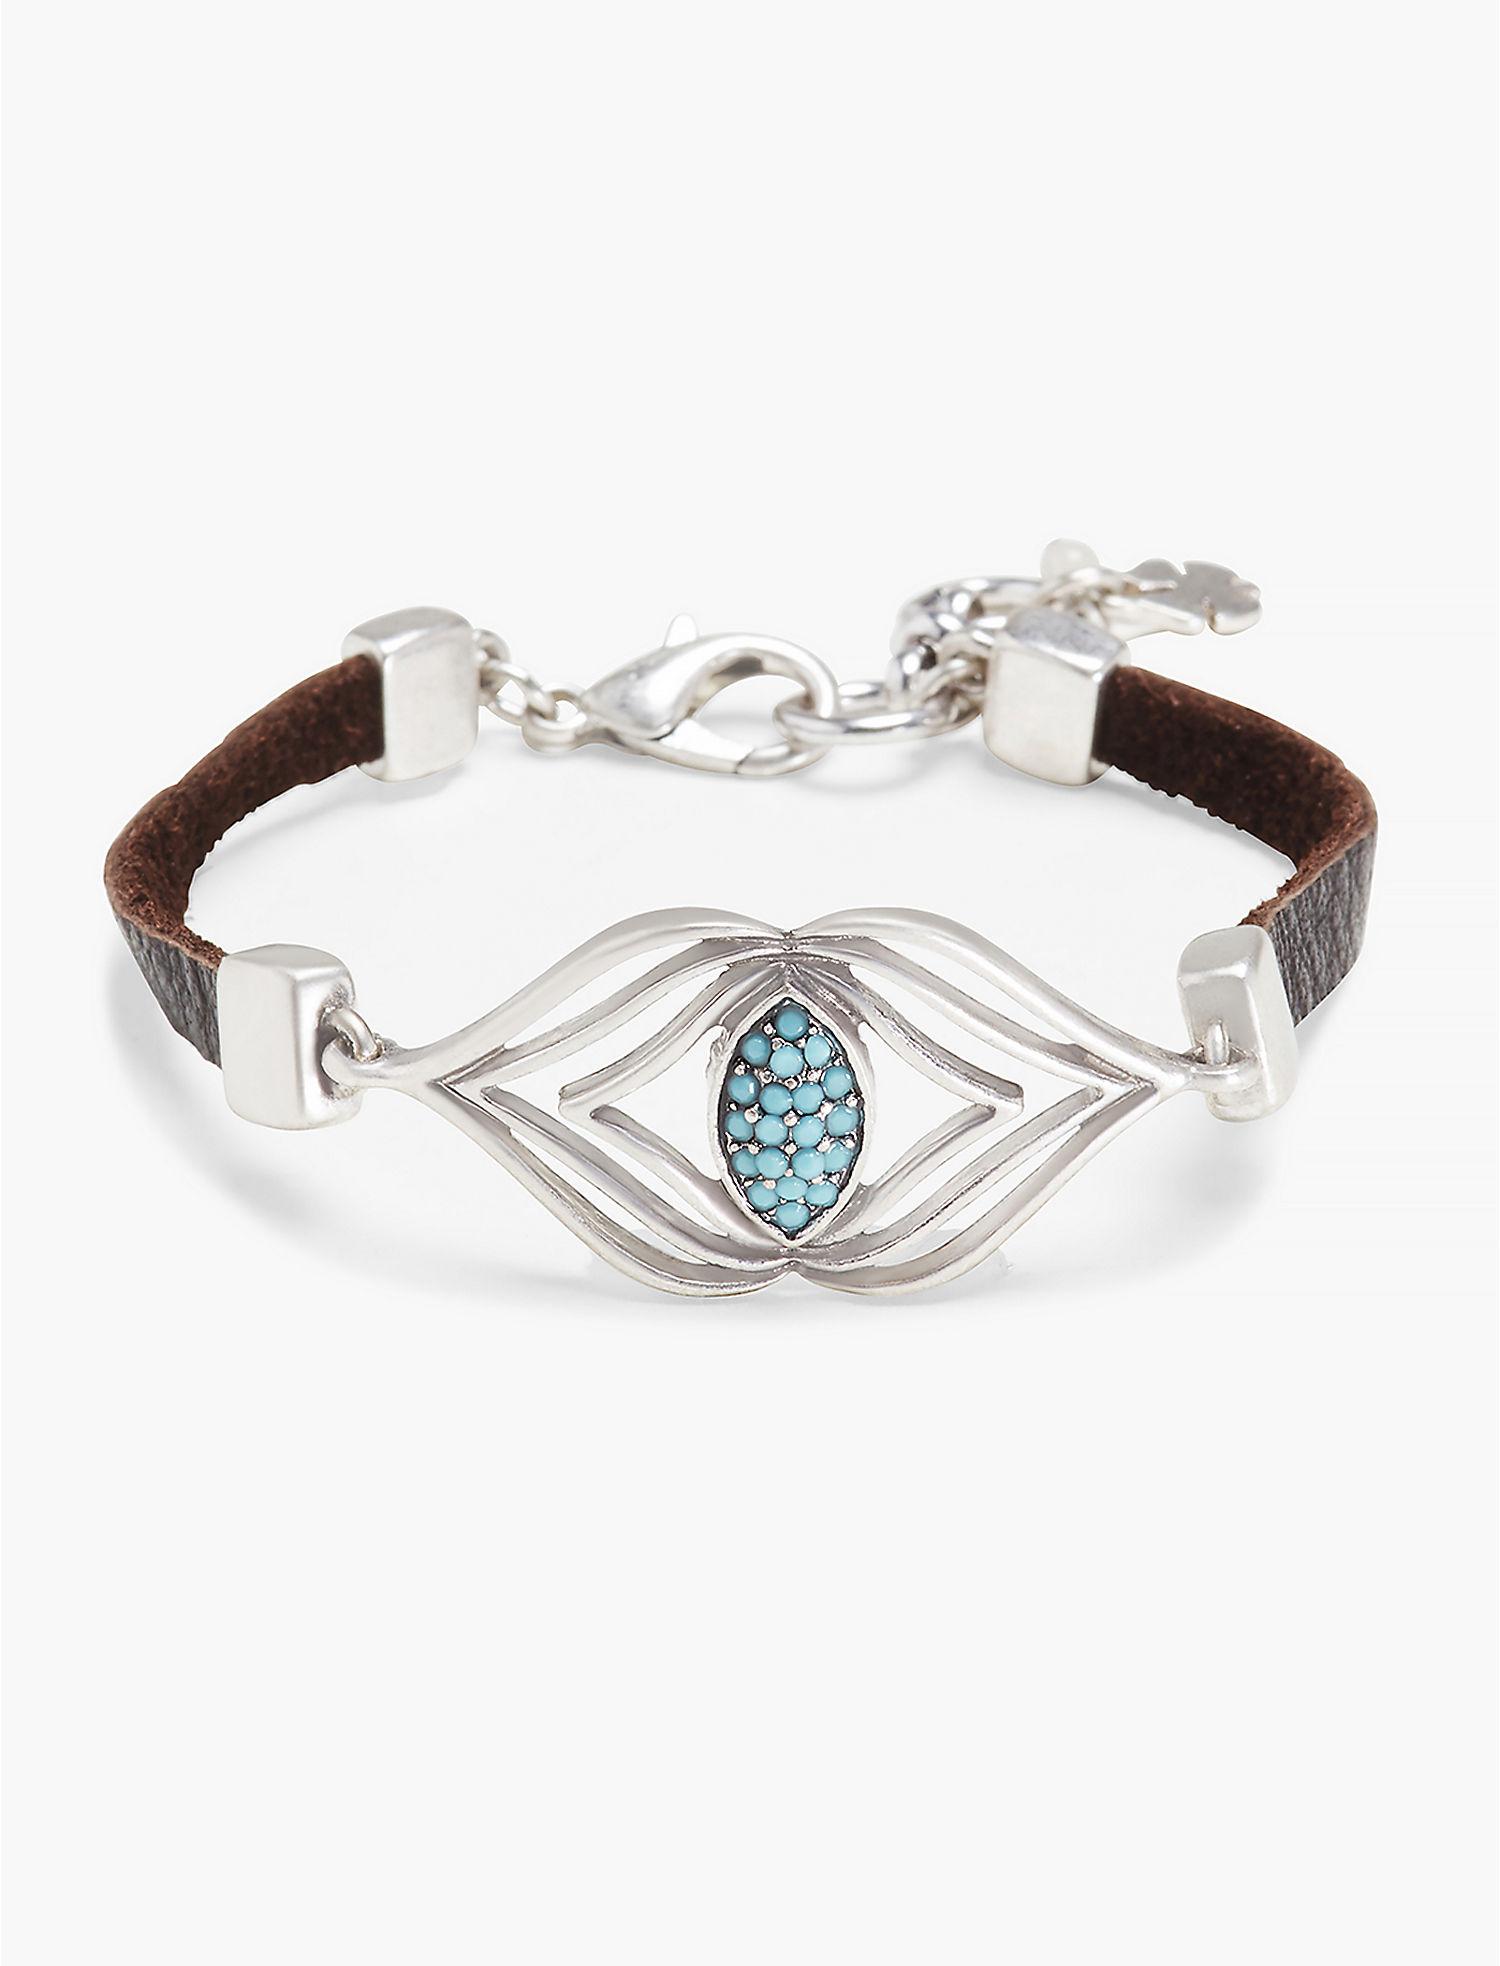 Lucky Brand Silver Leather Bracelet (Silver) Bracelet BeFGNI3i